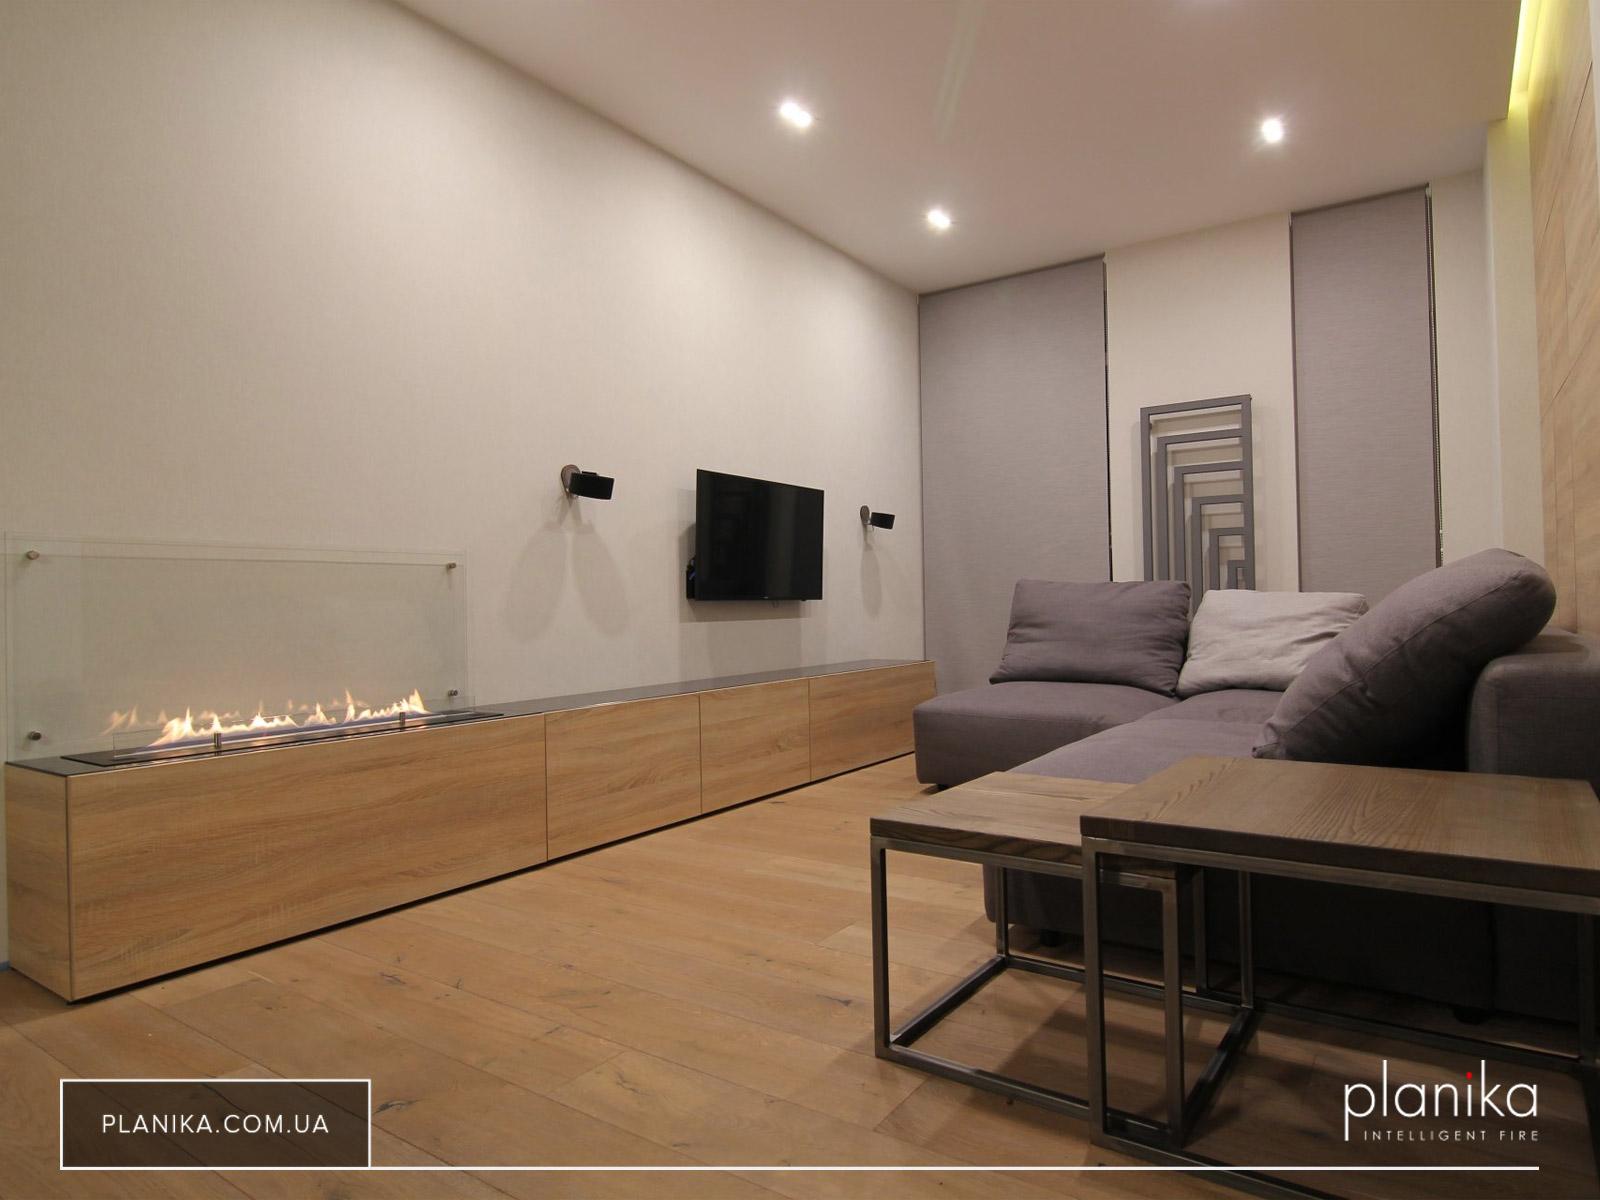 Для него место есть и в минимализме — биокамин Planika FLA 2 в квартире-студии